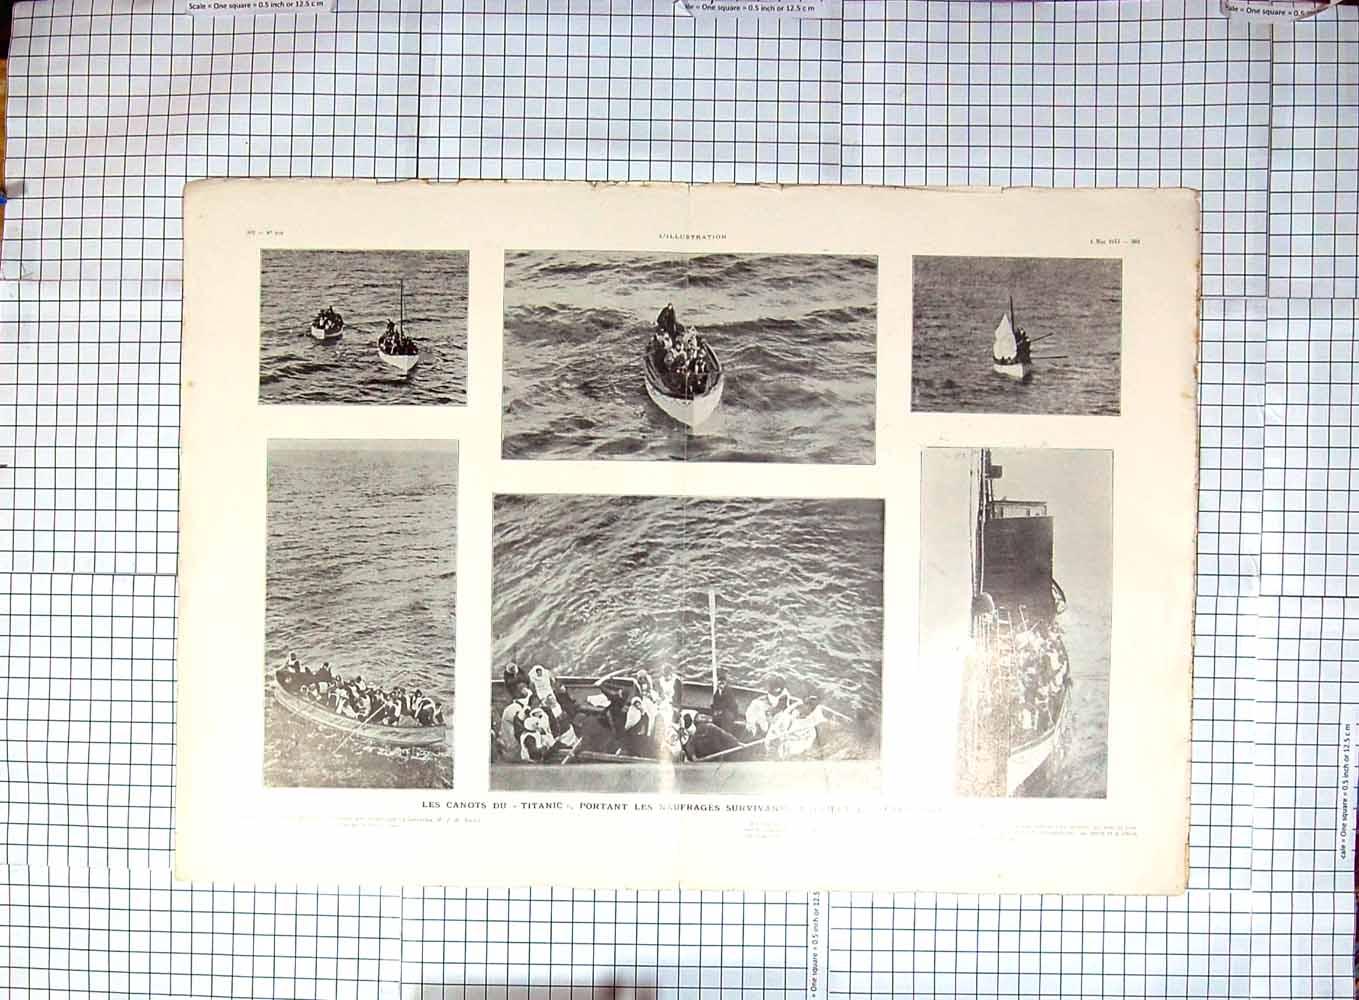 Titanic_Rescue (4).jpg